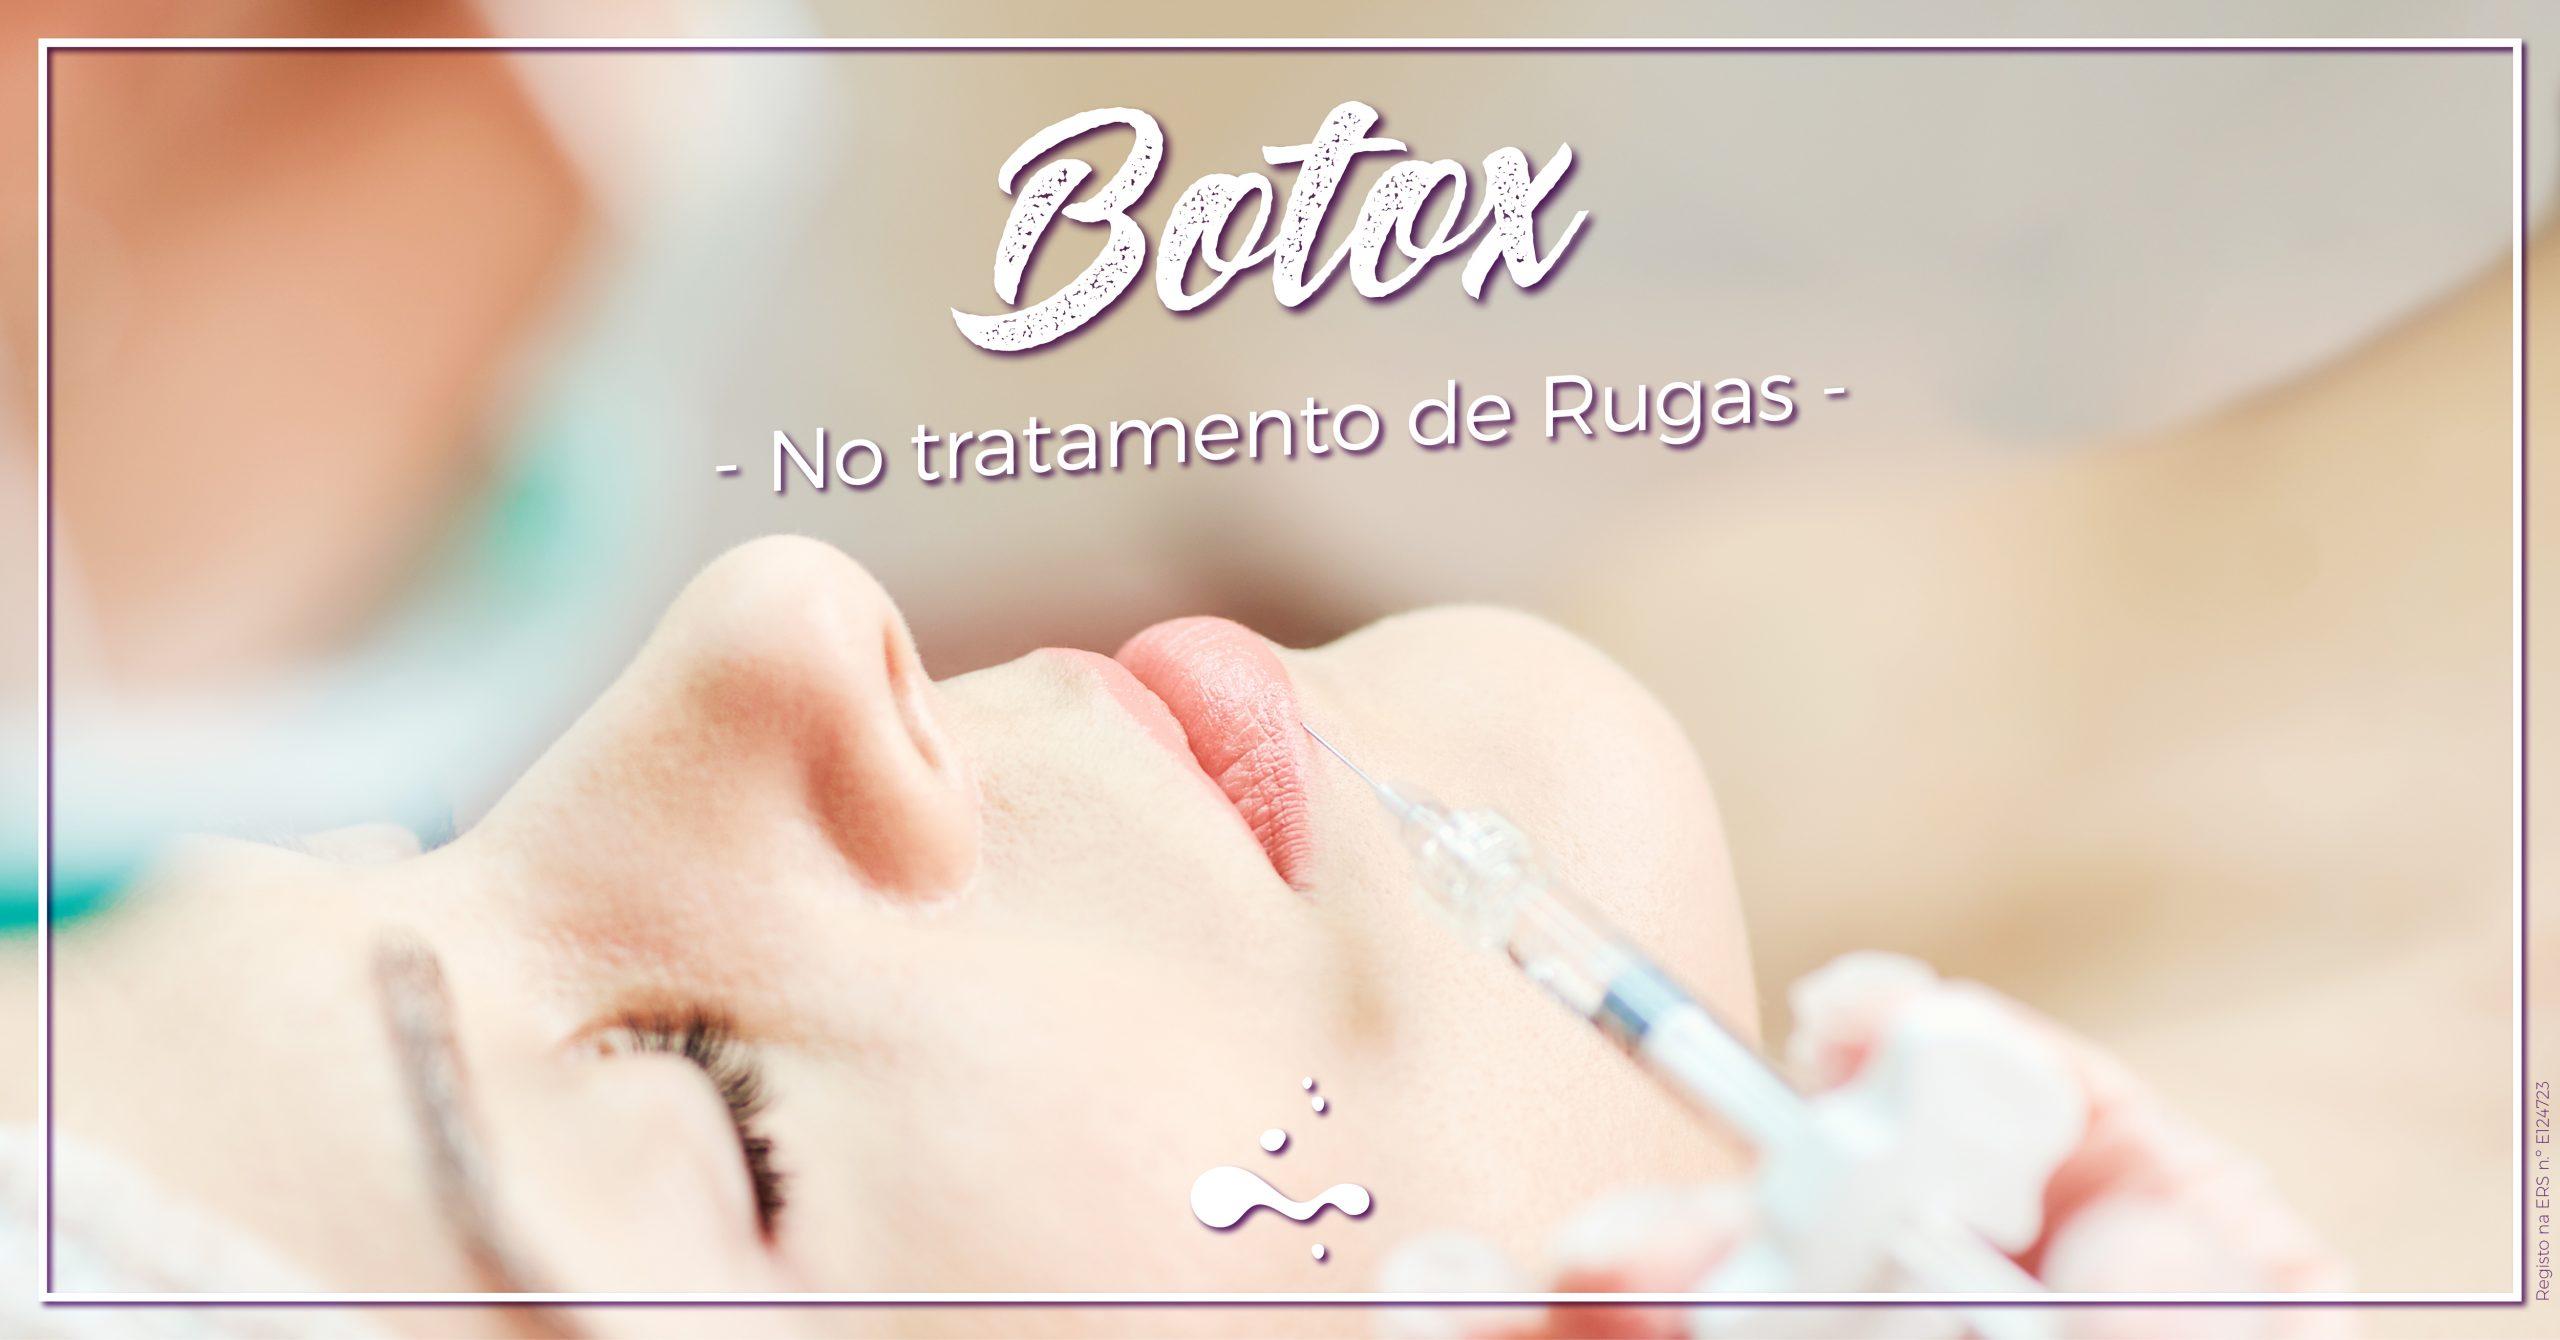 Botox no tratamento de Rugas